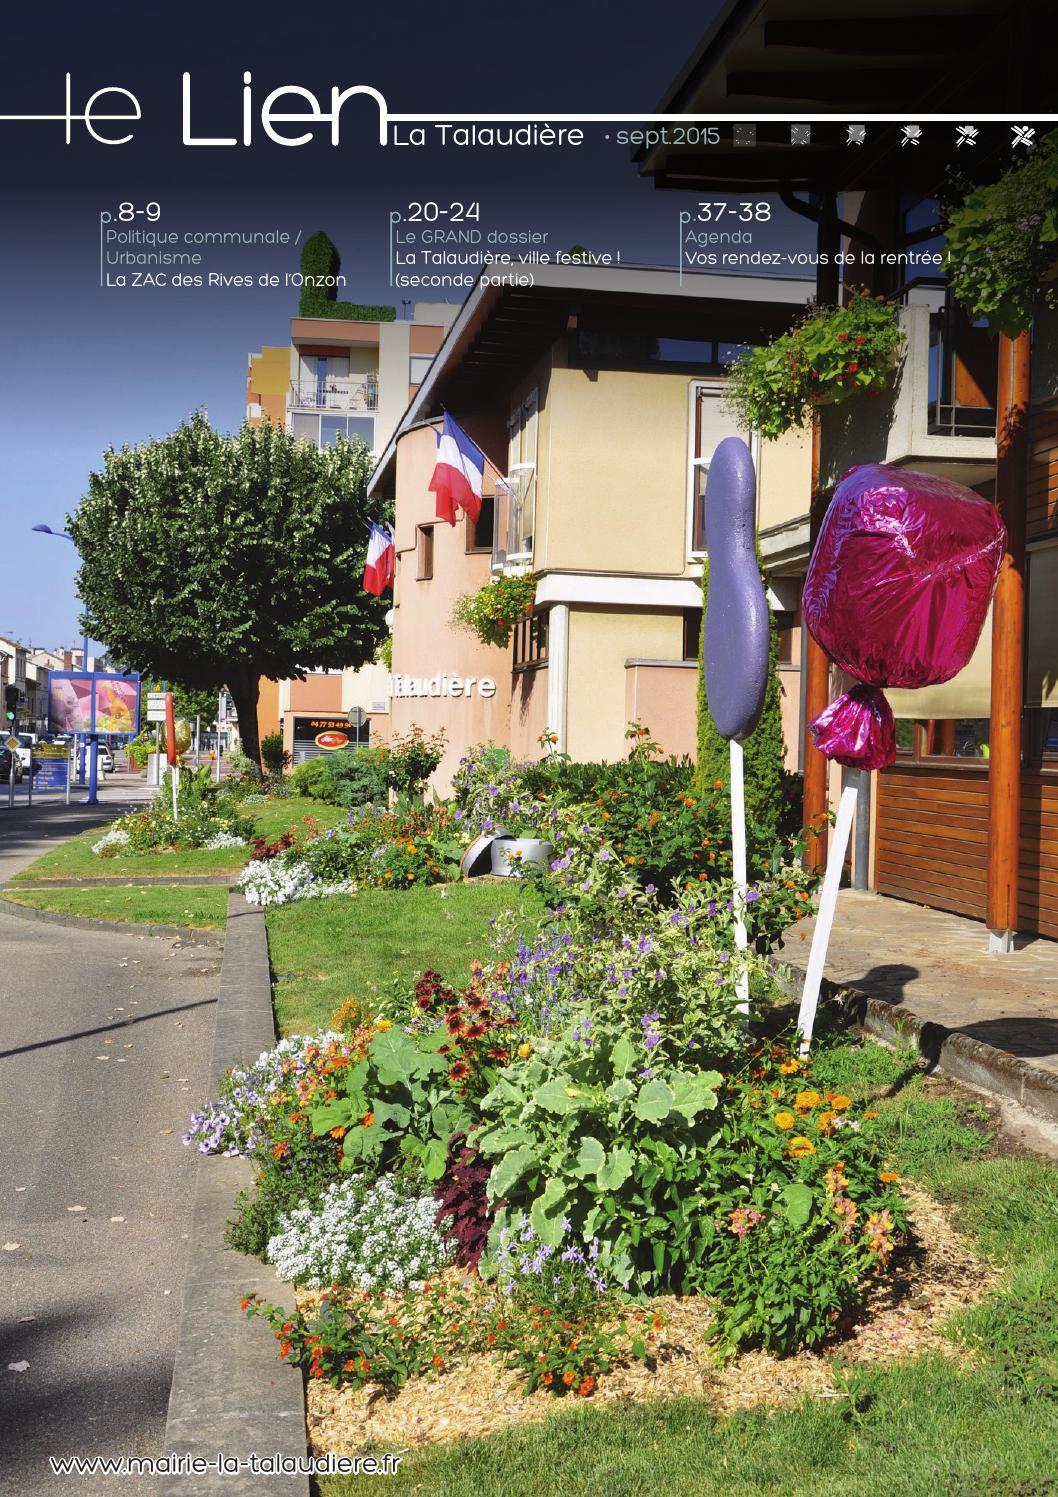 Lien septembre 2015 by mairie de la talaudi re issuu for Piscine la talaudiere